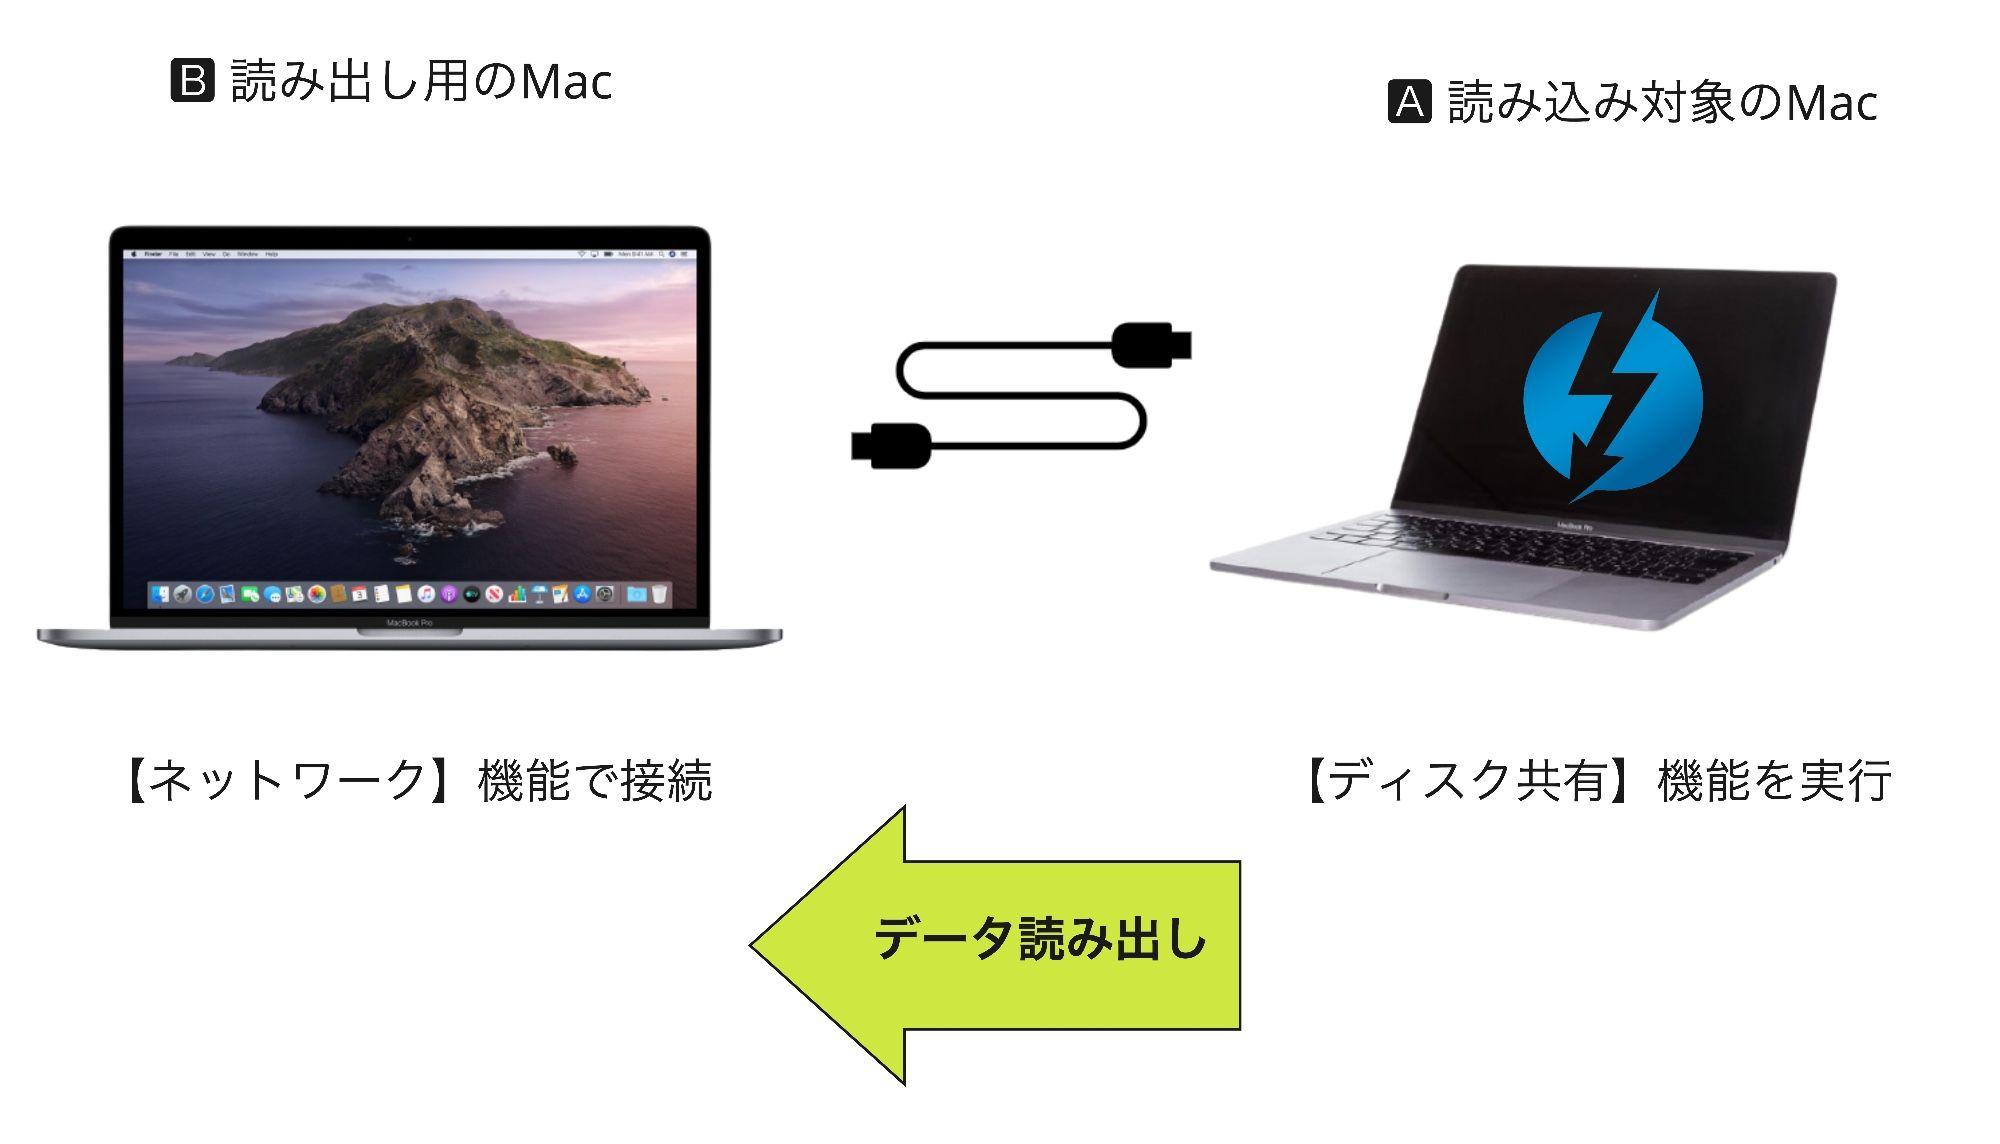 AppleシリコンMacで「ディス共有」機能を使うイメージ図